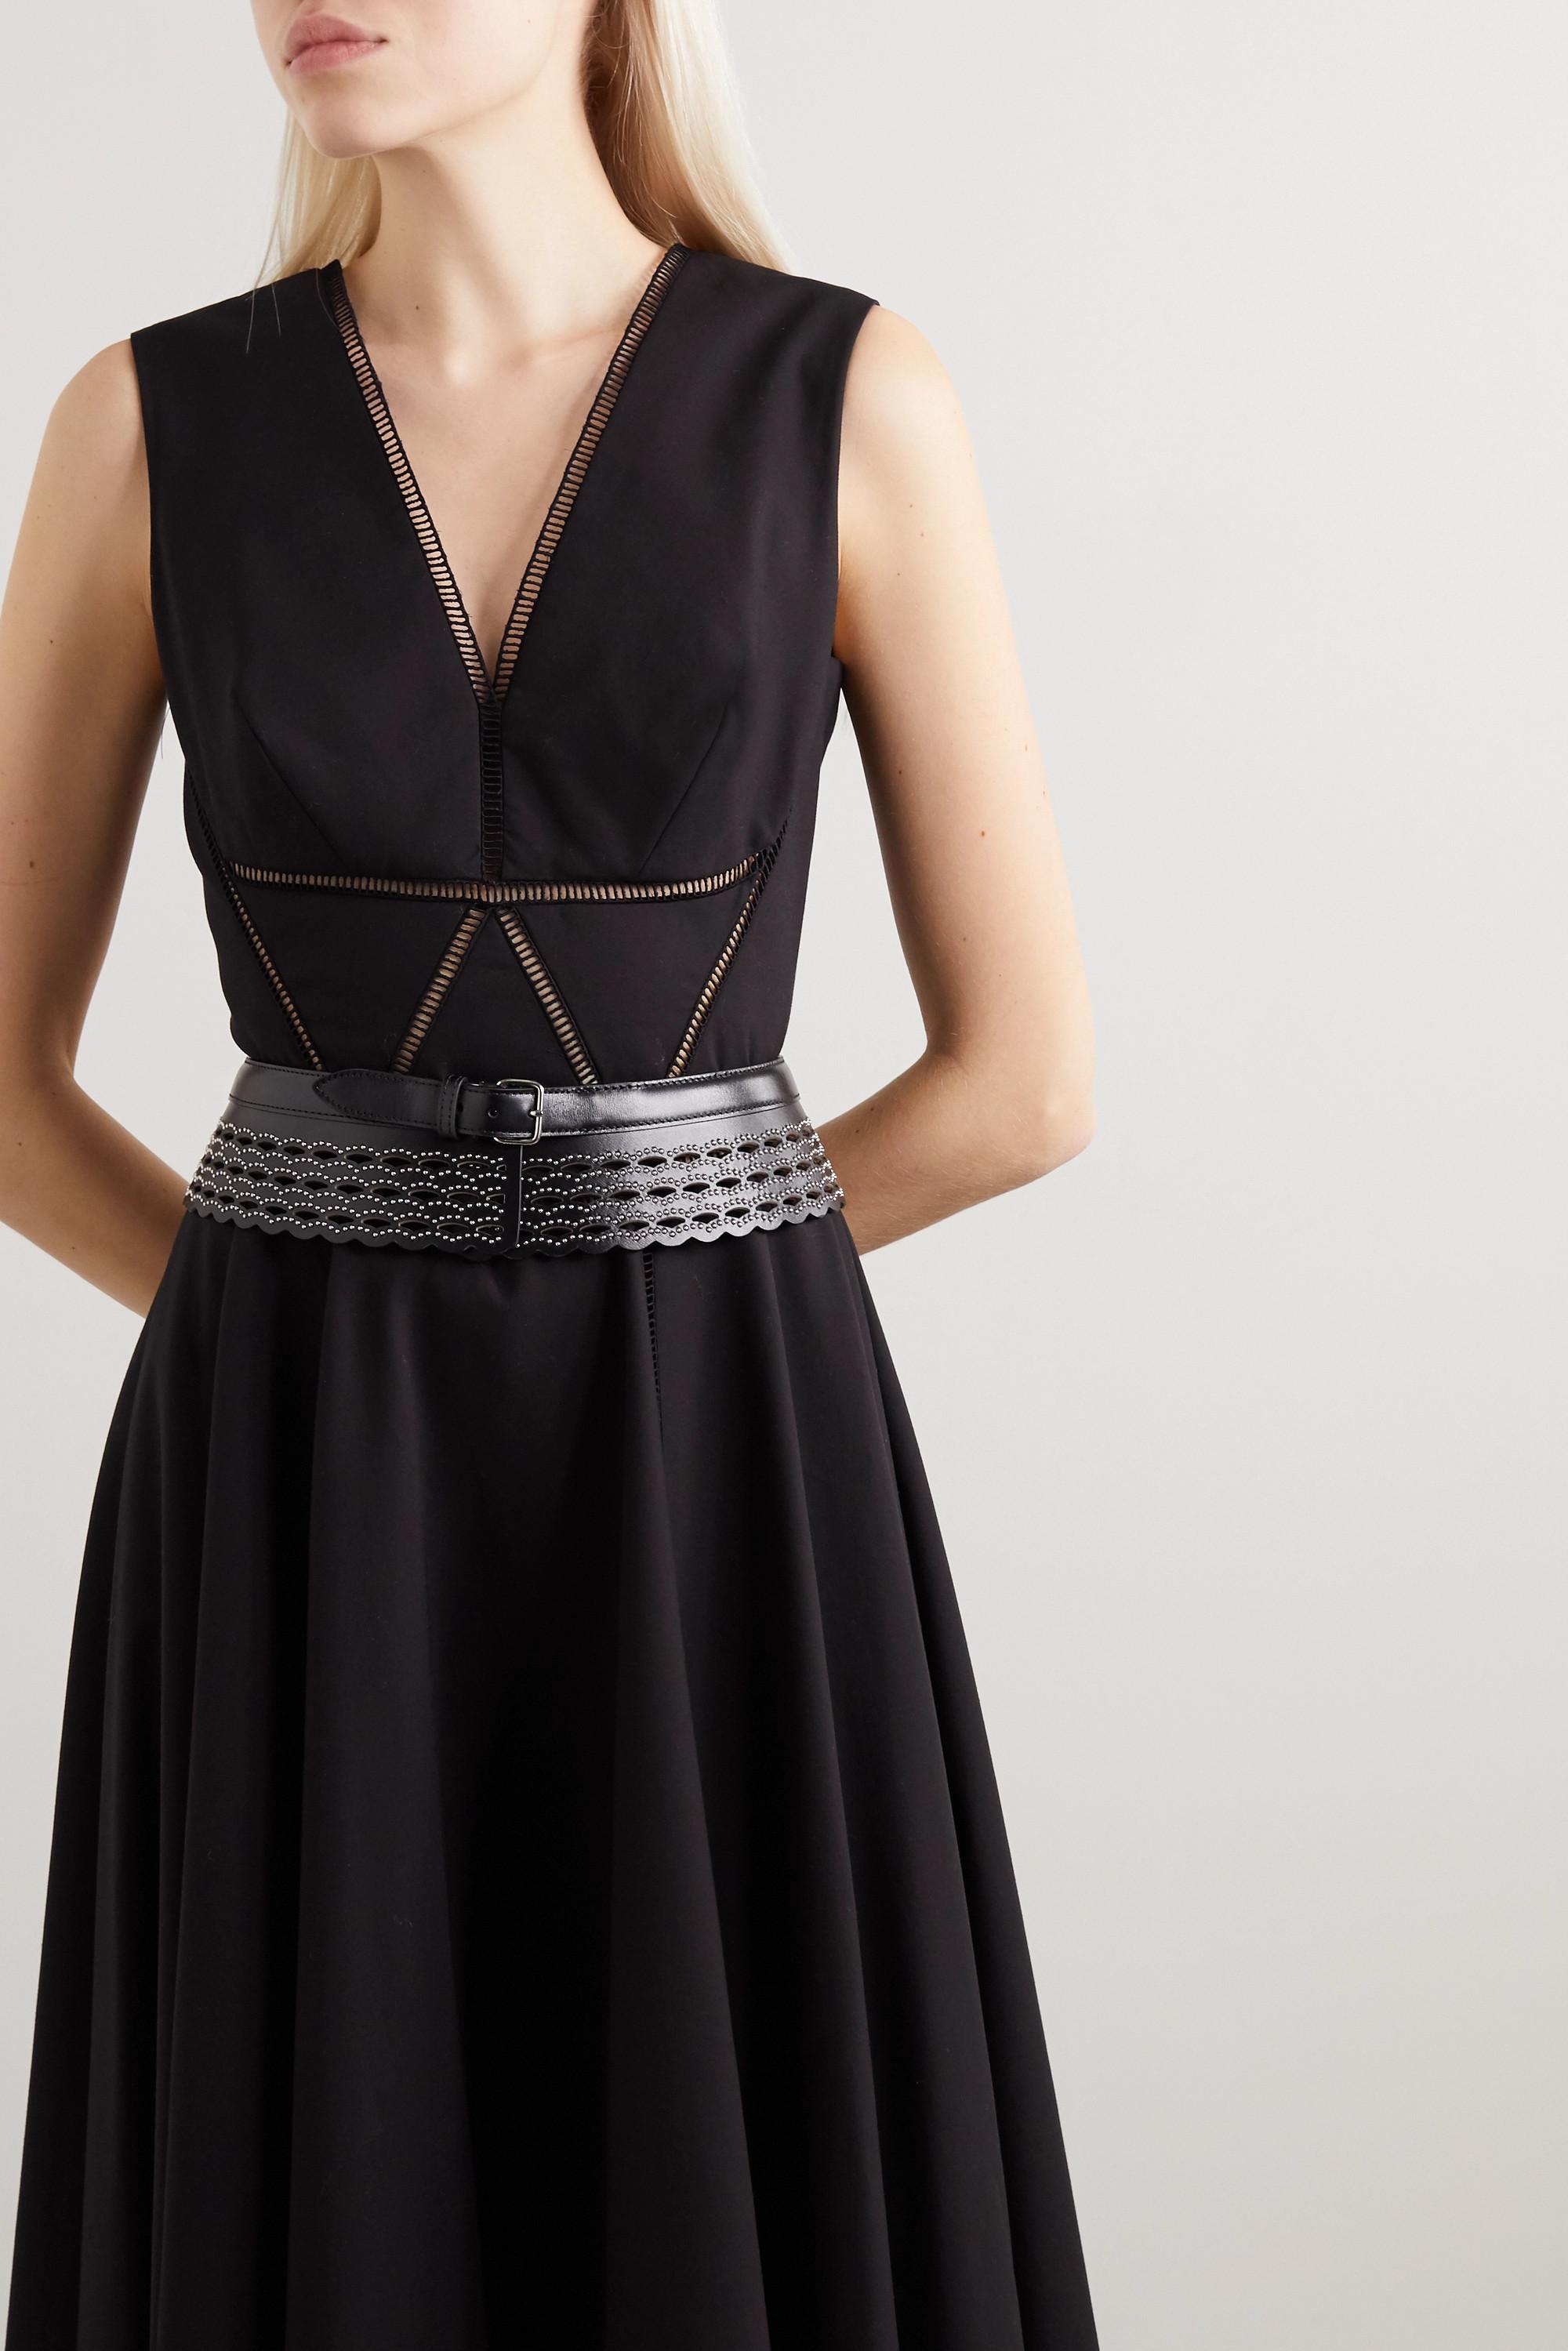 Alaïa Taillengürtel aus lasergeschnittenem Leder mit Nieten